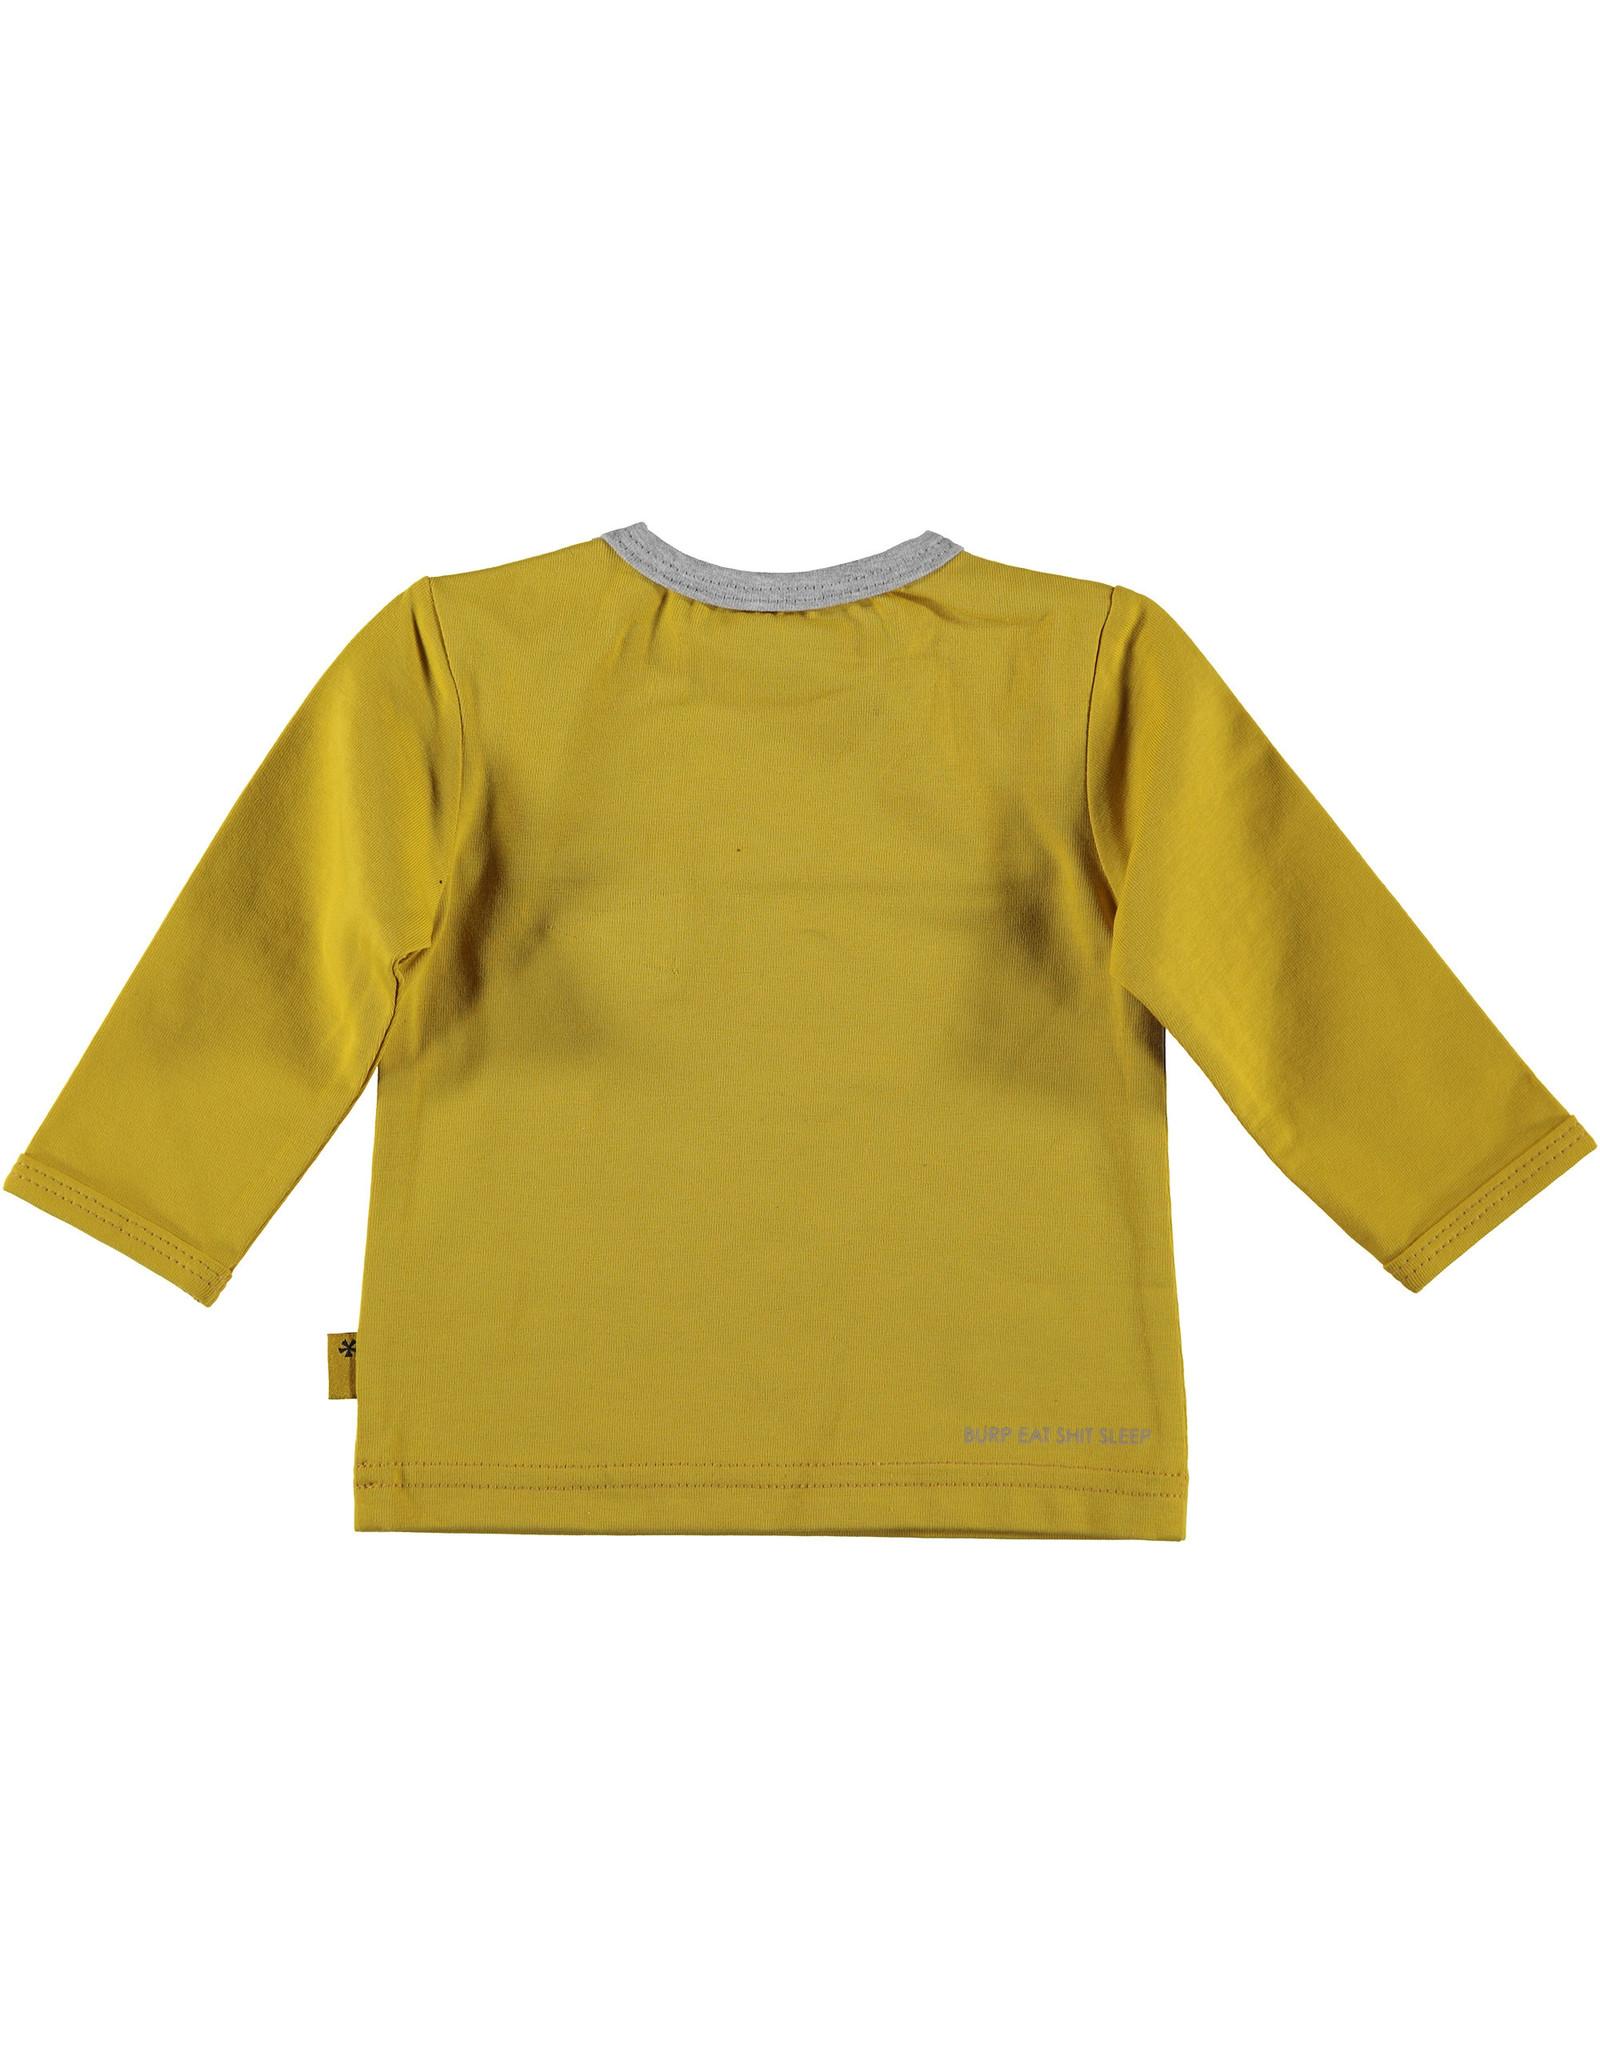 B.E.S.S shirt lange mouw zak